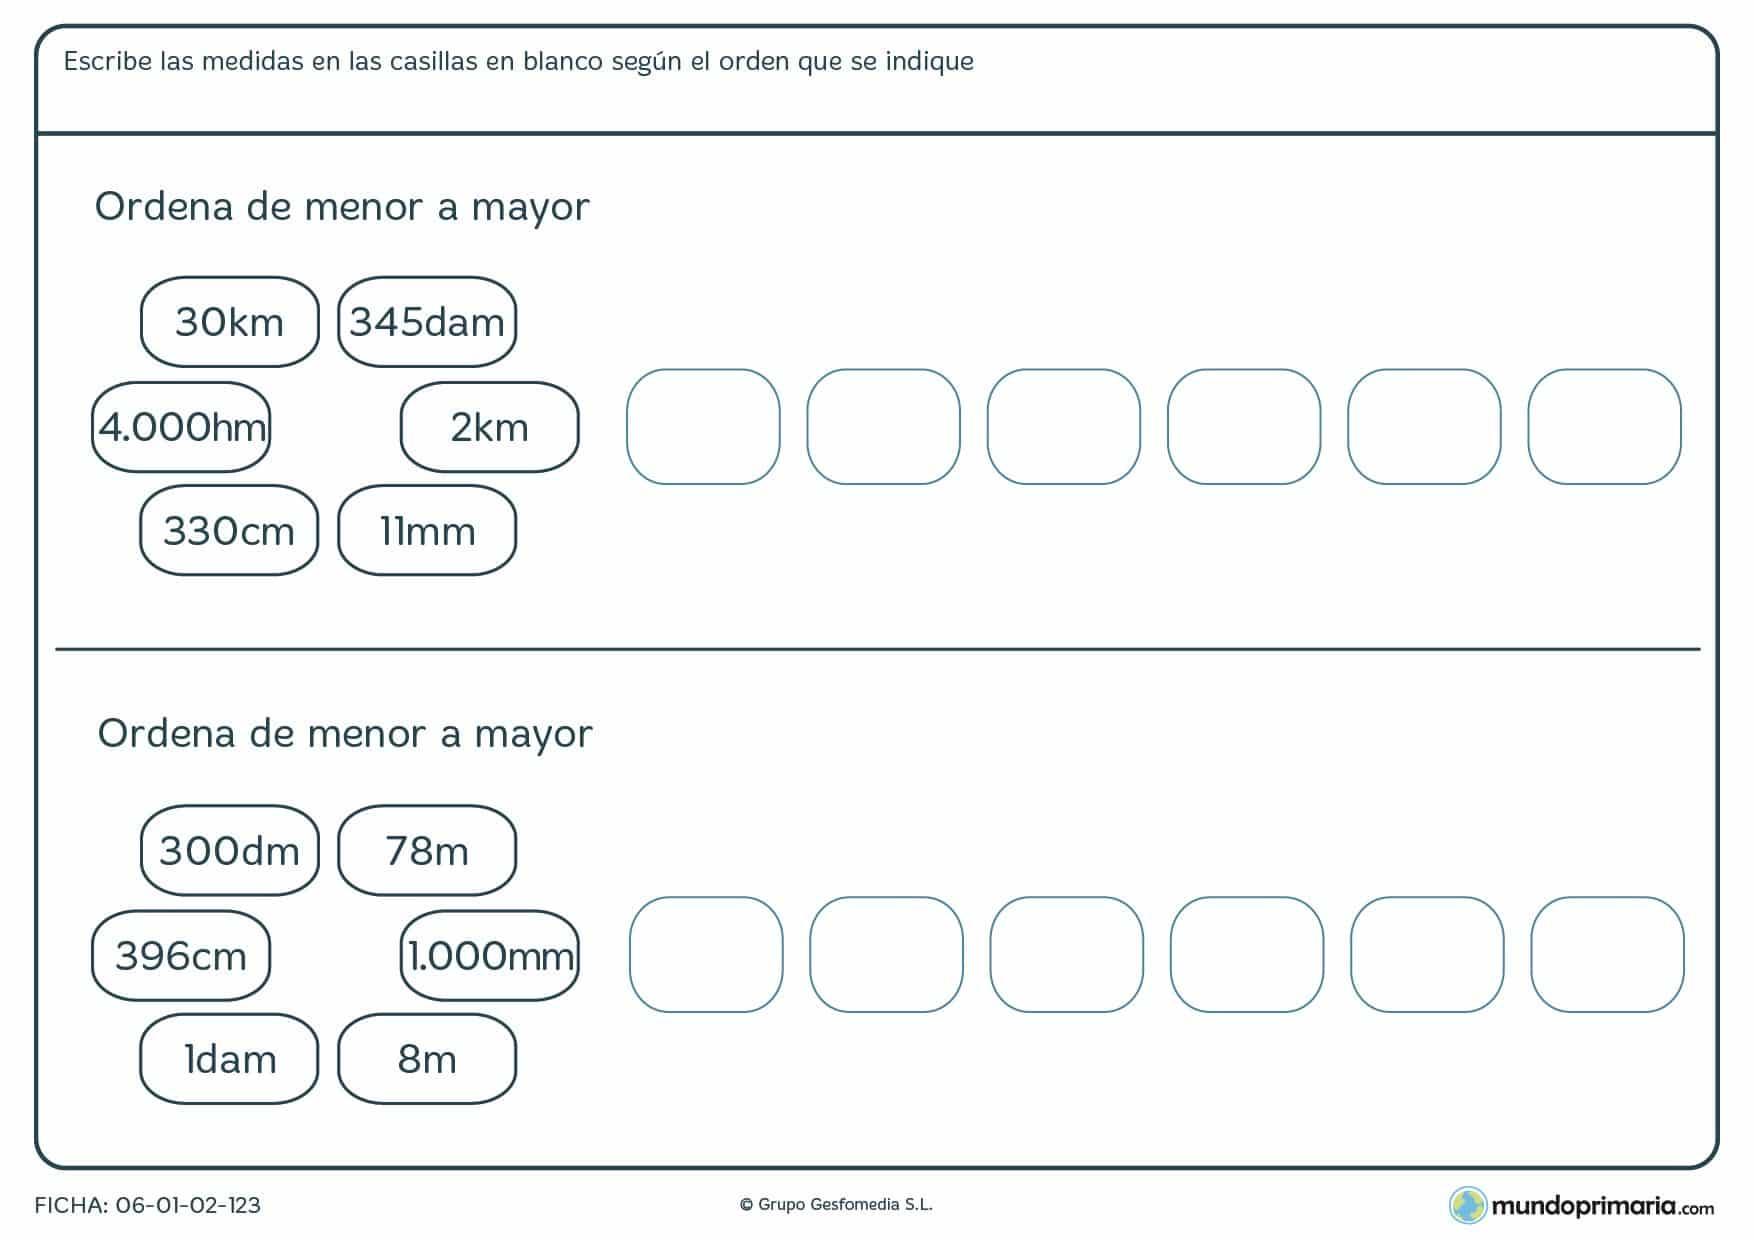 Ficha de orden de medidas de menor a mayor según sus equivalencias.